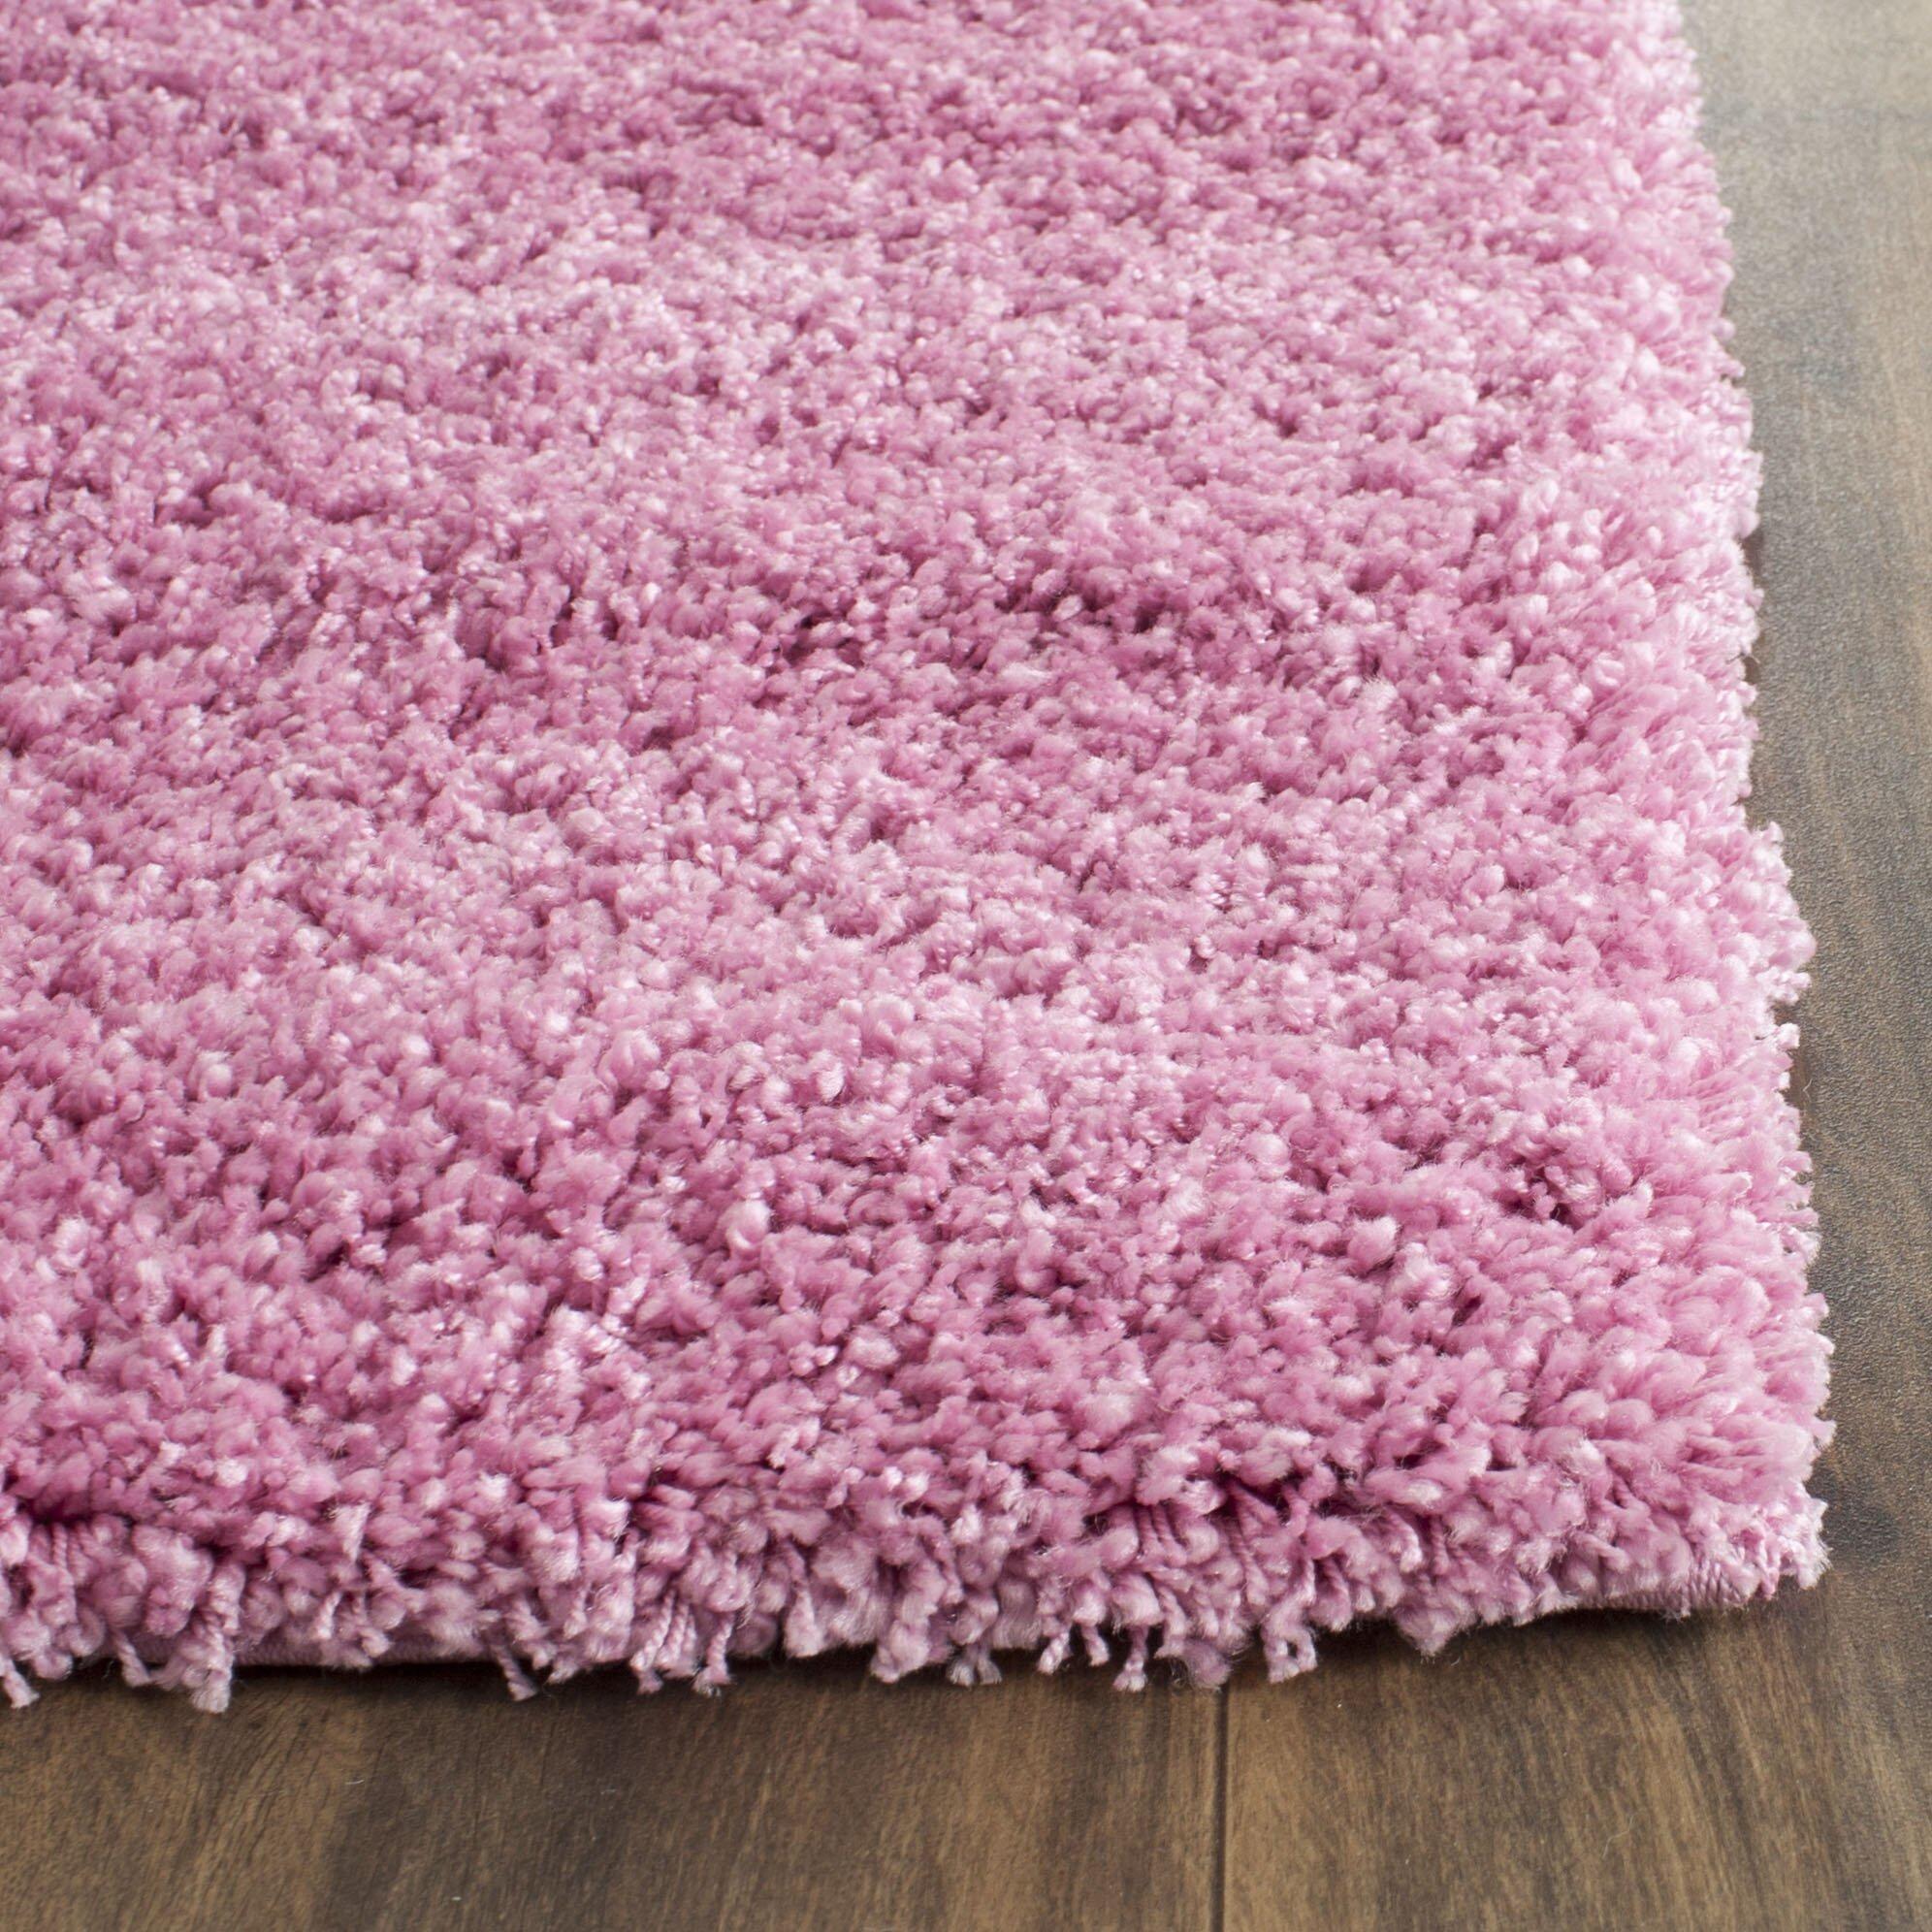 Shag Pink Indoor Area Rug